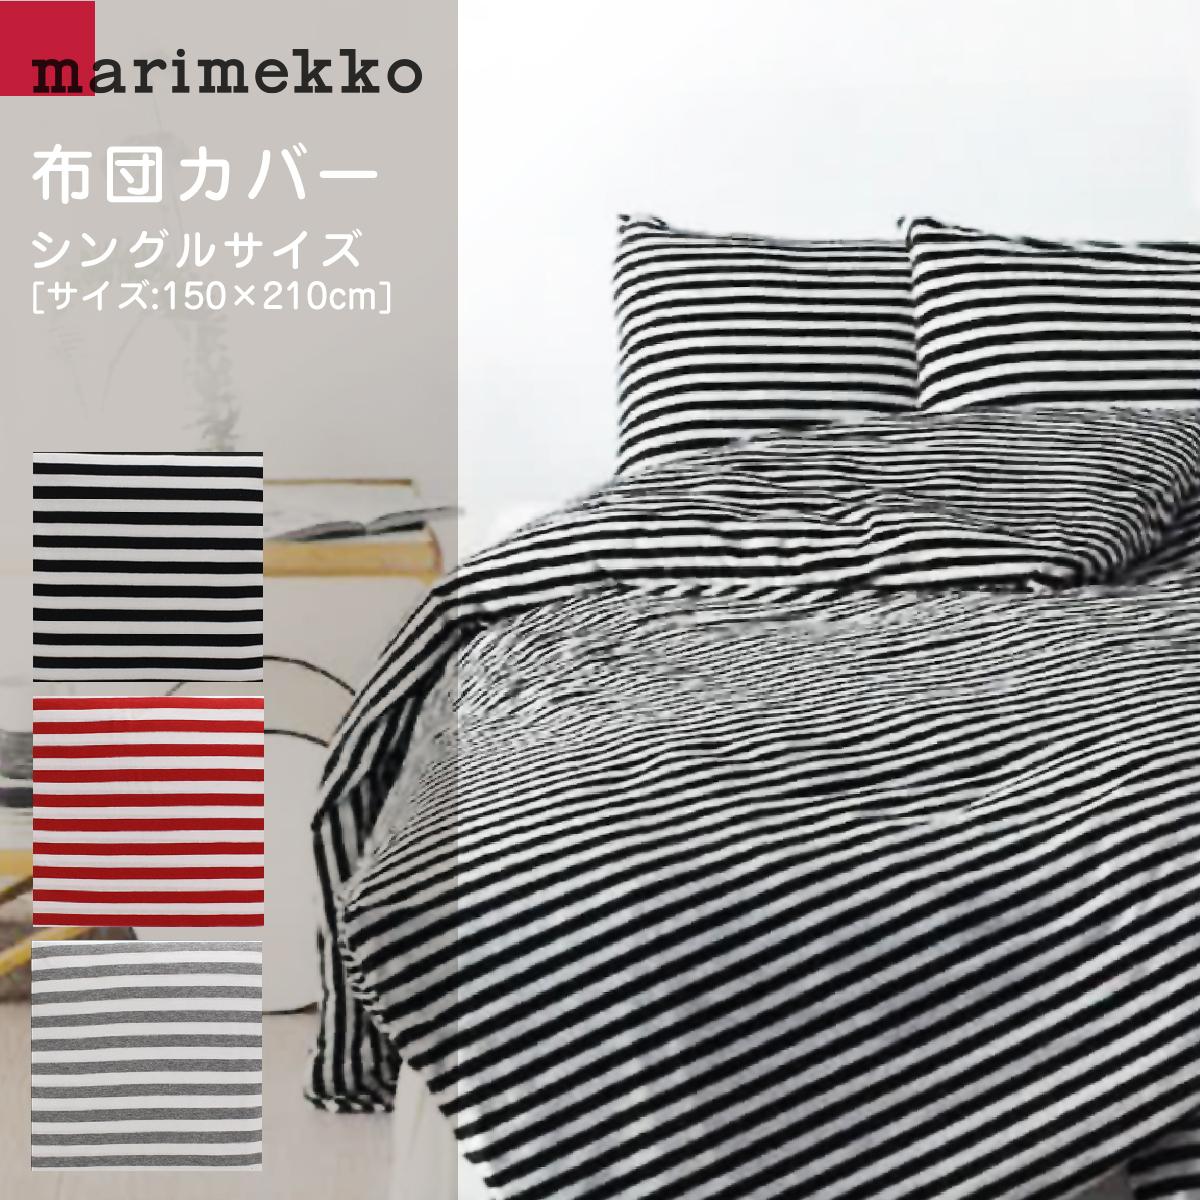 マリメッコ marimekko TASARAITA 掛け布団カバー 67741 掛け布団カバー